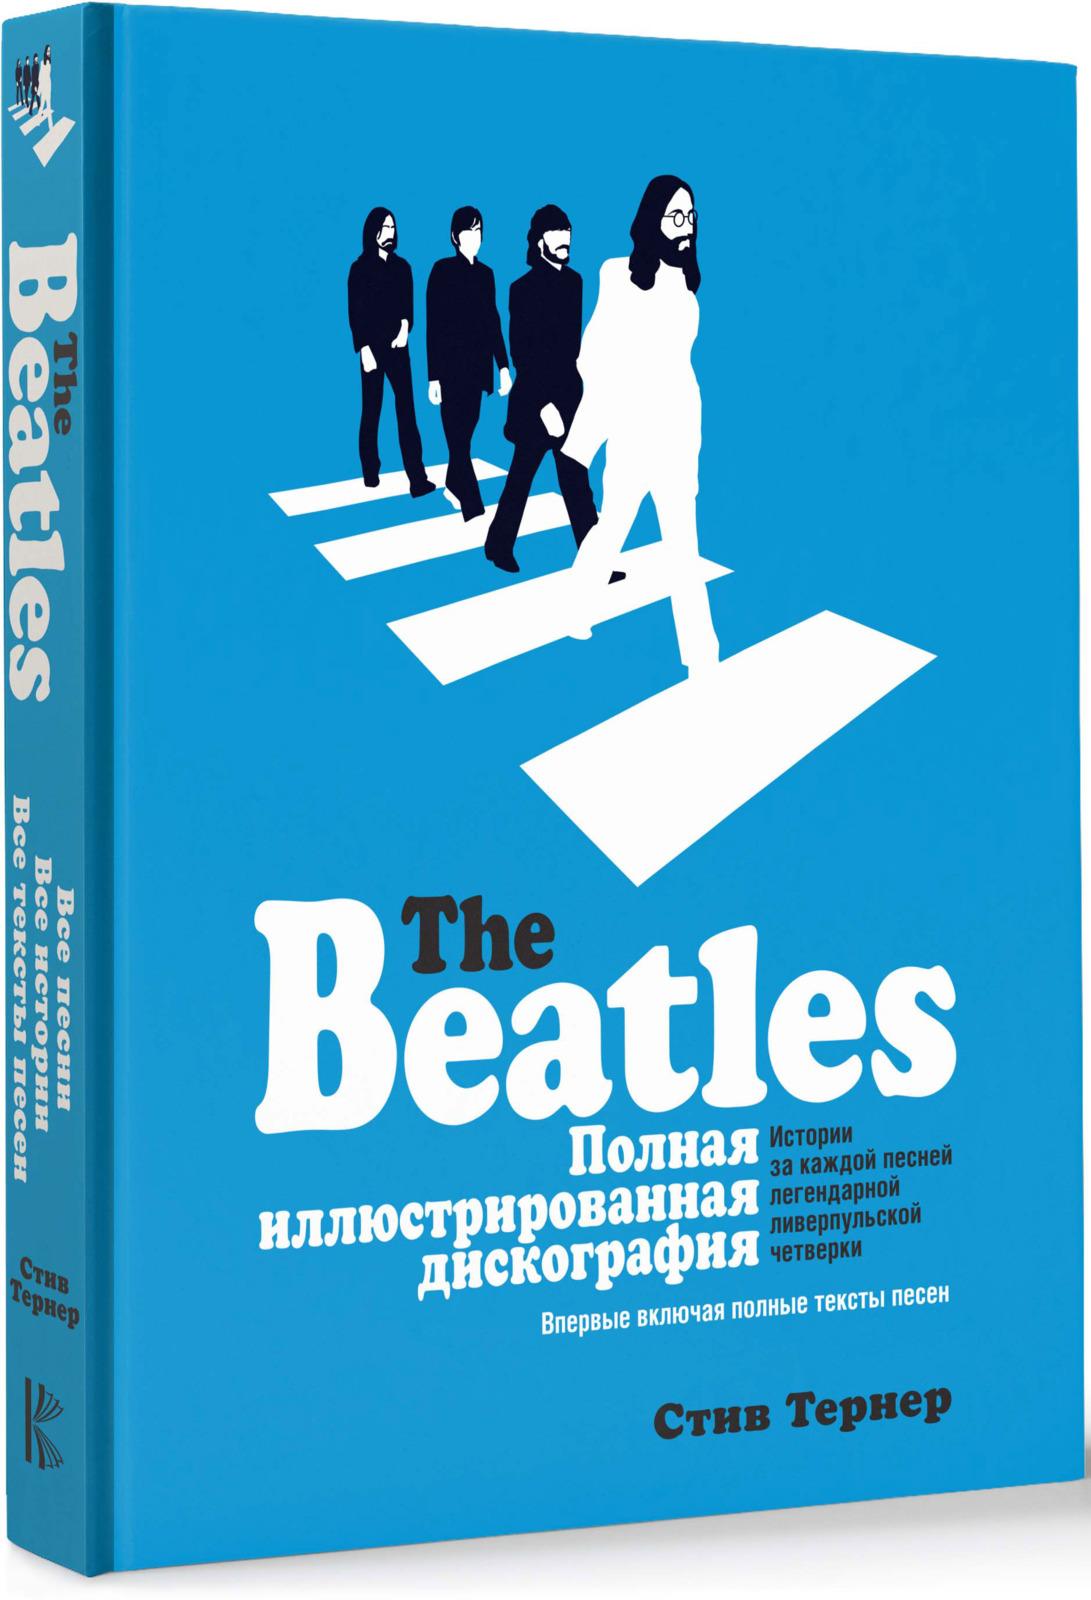 Стив Тернер The Beatles. Полная иллюстрированная дискография стив бланк боб дорф стартап настольная книга основателя